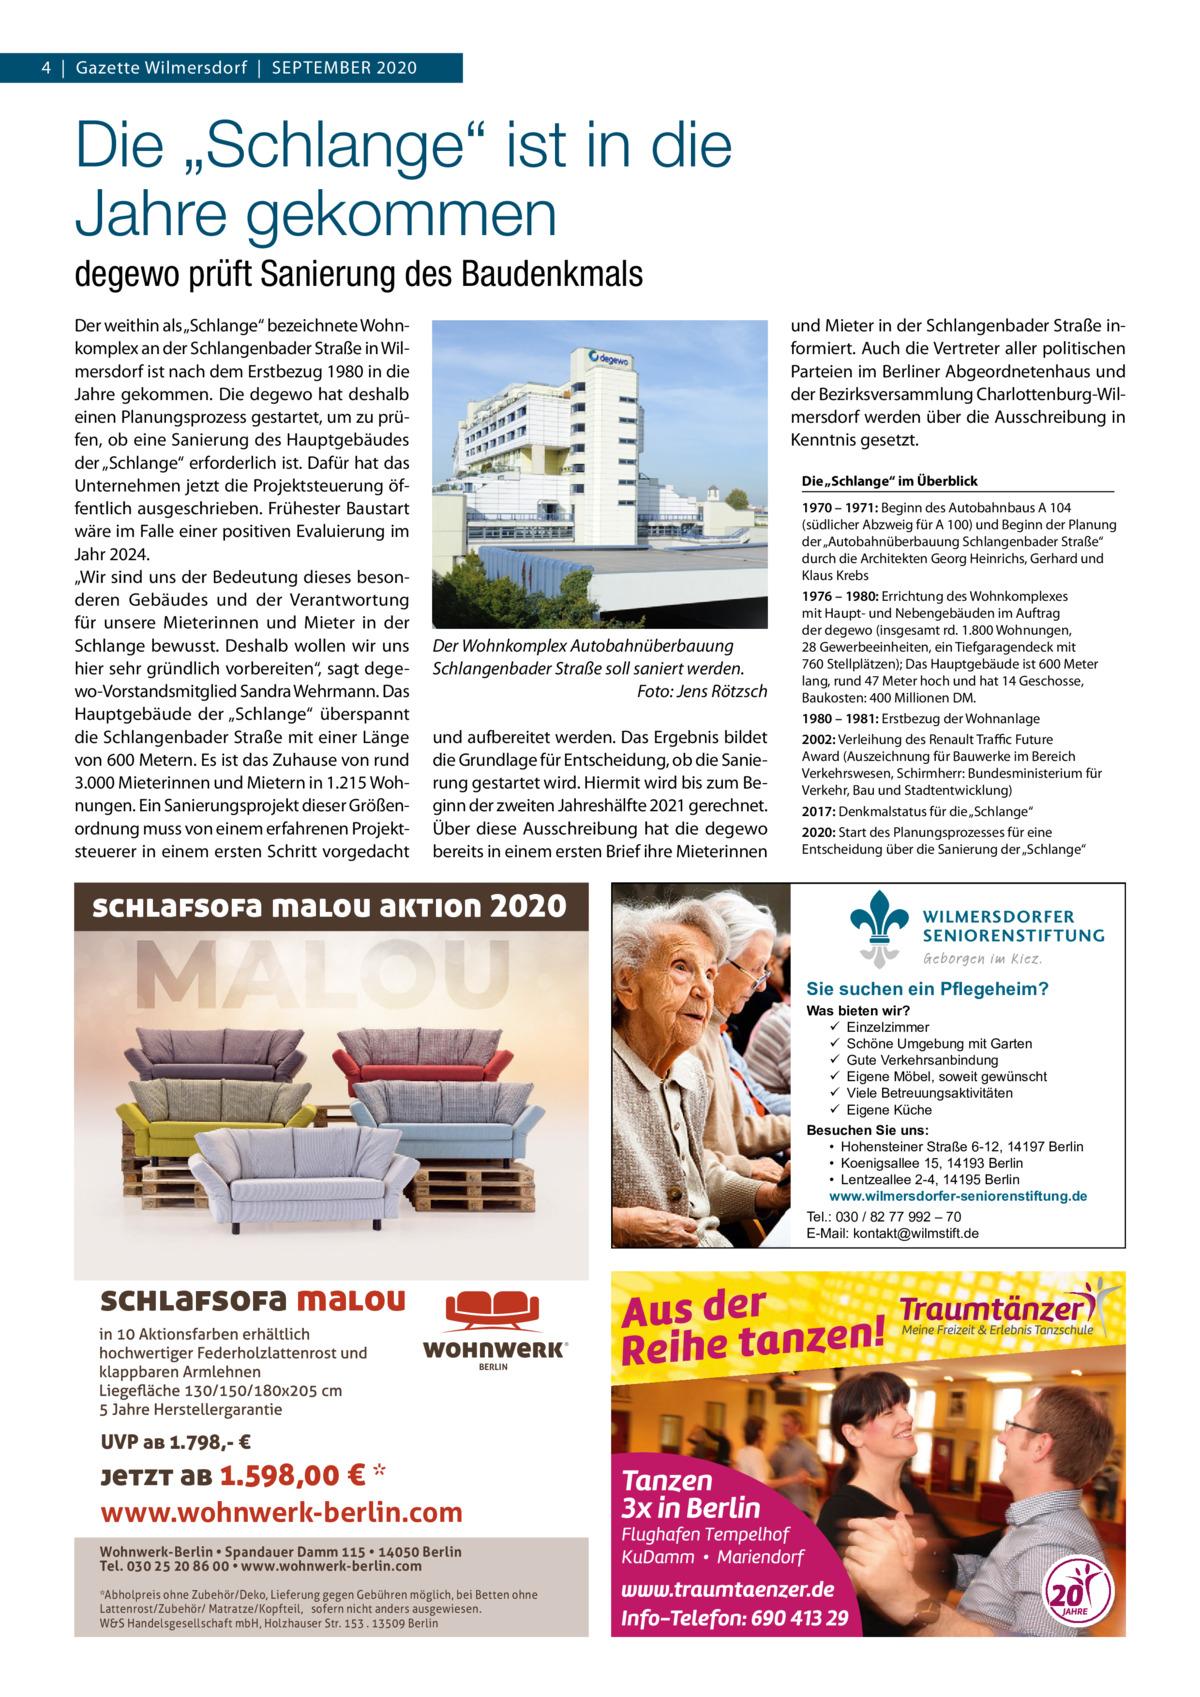 """4 Gazette Wilmersdorf September 2020  Die """"Schlange"""" ist in die Jahregekommen degewo prüft Sanierung des Baudenkmals Der weithin als """"Schlange"""" bezeichnete Wohnkomplex an der Schlangenbader Straße in Wilmersdorf ist nach dem Erstbezug 1980 in die Jahre gekommen. Die degewo hat deshalb einen Planungsprozess gestartet, um zu prüfen, ob eine Sanierung des Hauptgebäudes der """"Schlange"""" erforderlich ist. Dafür hat das Unternehmen jetzt die Projektsteuerung öffentlich ausgeschrieben. Frühester Baustart wäre im Falle einer positiven Evaluierung im Jahr 2024. """"Wir sind uns der Bedeutung dieses besonderen Gebäudes und der Verantwortung für unsere Mieterinnen und Mieter in der Schlange bewusst. Deshalb wollen wir uns hier sehr gründlich vorbereiten"""", sagt degewo-Vorstandsmitglied Sandra Wehrmann. Das Hauptgebäude der """"Schlange"""" überspannt die Schlangenbader Straße mit einer Länge von 600Metern. Es ist das Zuhause von rund 3.000Mieterinnen und Mietern in 1.215Wohnungen. Ein Sanierungsprojekt dieser Größenordnung muss von einem erfahrenen Projektsteuerer in einem ersten Schritt vorgedacht  und Mieter in der Schlangenbader Straße informiert. Auch die Vertreter aller politischen Parteien im Berliner Abgeordnetenhaus und der Bezirksversammlung Charlottenburg-Wilmersdorf werden über die Ausschreibung in Kenntnis gesetzt. Die """"Schlange"""" im Überblick  Der Wohnkomplex Autobahnüberbauung Schlangenbader Straße soll saniert werden. � Foto: Jens Rötzsch und aufbereitet werden. Das Ergebnis bildet die Grundlage für Entscheidung, ob die Sanierung gestartet wird. Hiermit wird bis zum Beginn der zweiten Jahreshälfte 2021 gerechnet. Über diese Ausschreibung hat die degewo bereits in einem ersten Brief ihre Mieterinnen  schlafsofa malou aktion 2020  1970 – 1971: Beginn des Autobahnbaus A104 (südlicher Abzweig für A 100) und Beginn der Planung der """"Autobahnüberbauung Schlangenbader Straße"""" durch die Architekten Georg Heinrichs, Gerhard und Klaus Krebs 1976 – 1980: Errichtung des Wohnkomplexes mit"""